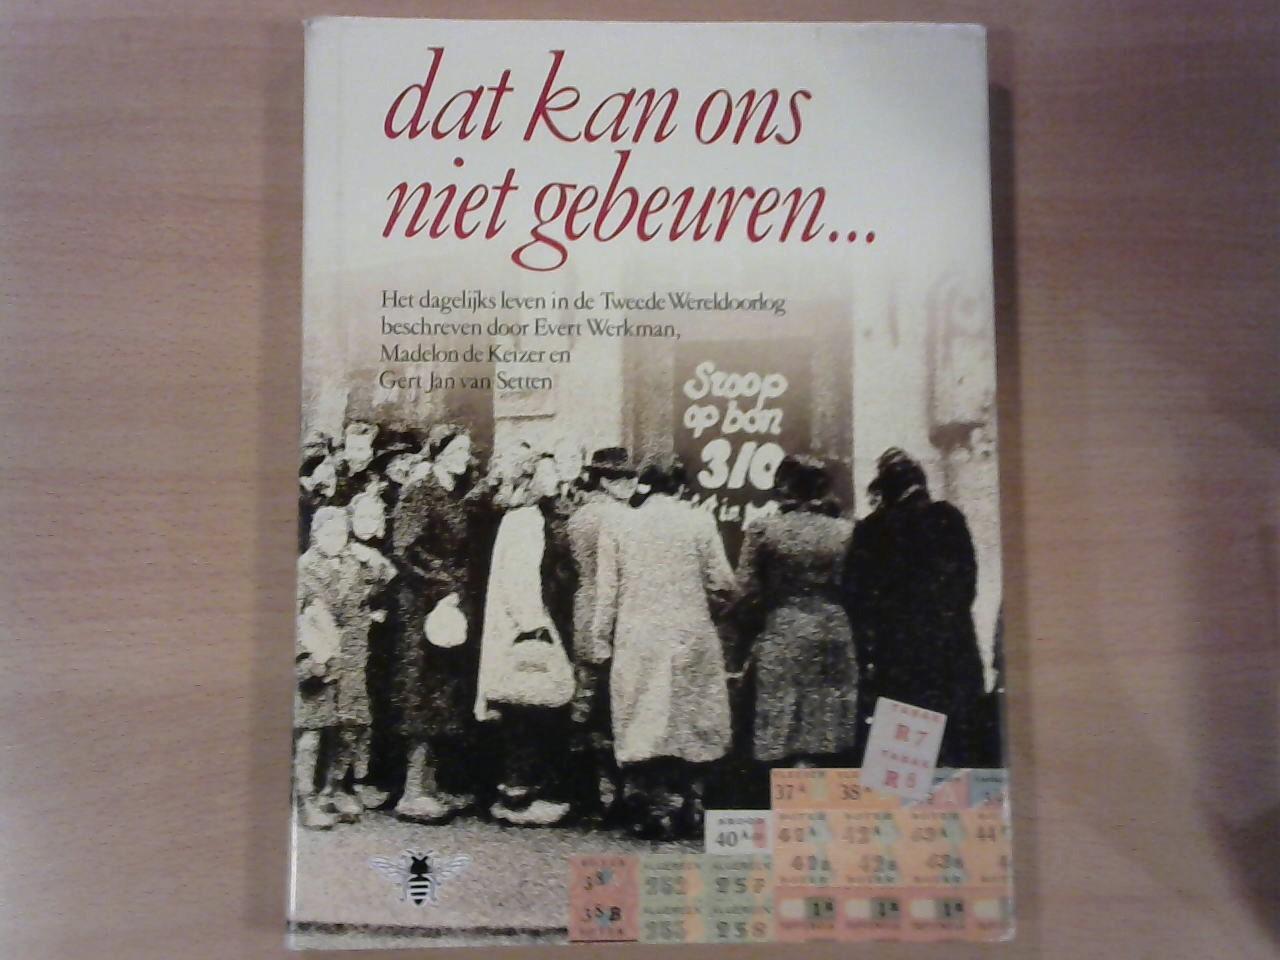 Werkman, Evert m.m.v. Keizer, Madelon de / Setten, Gert Jan van - Dat kan ons niet gebeuren...Het dagelijks leven in de Tweede Wereldoorlog